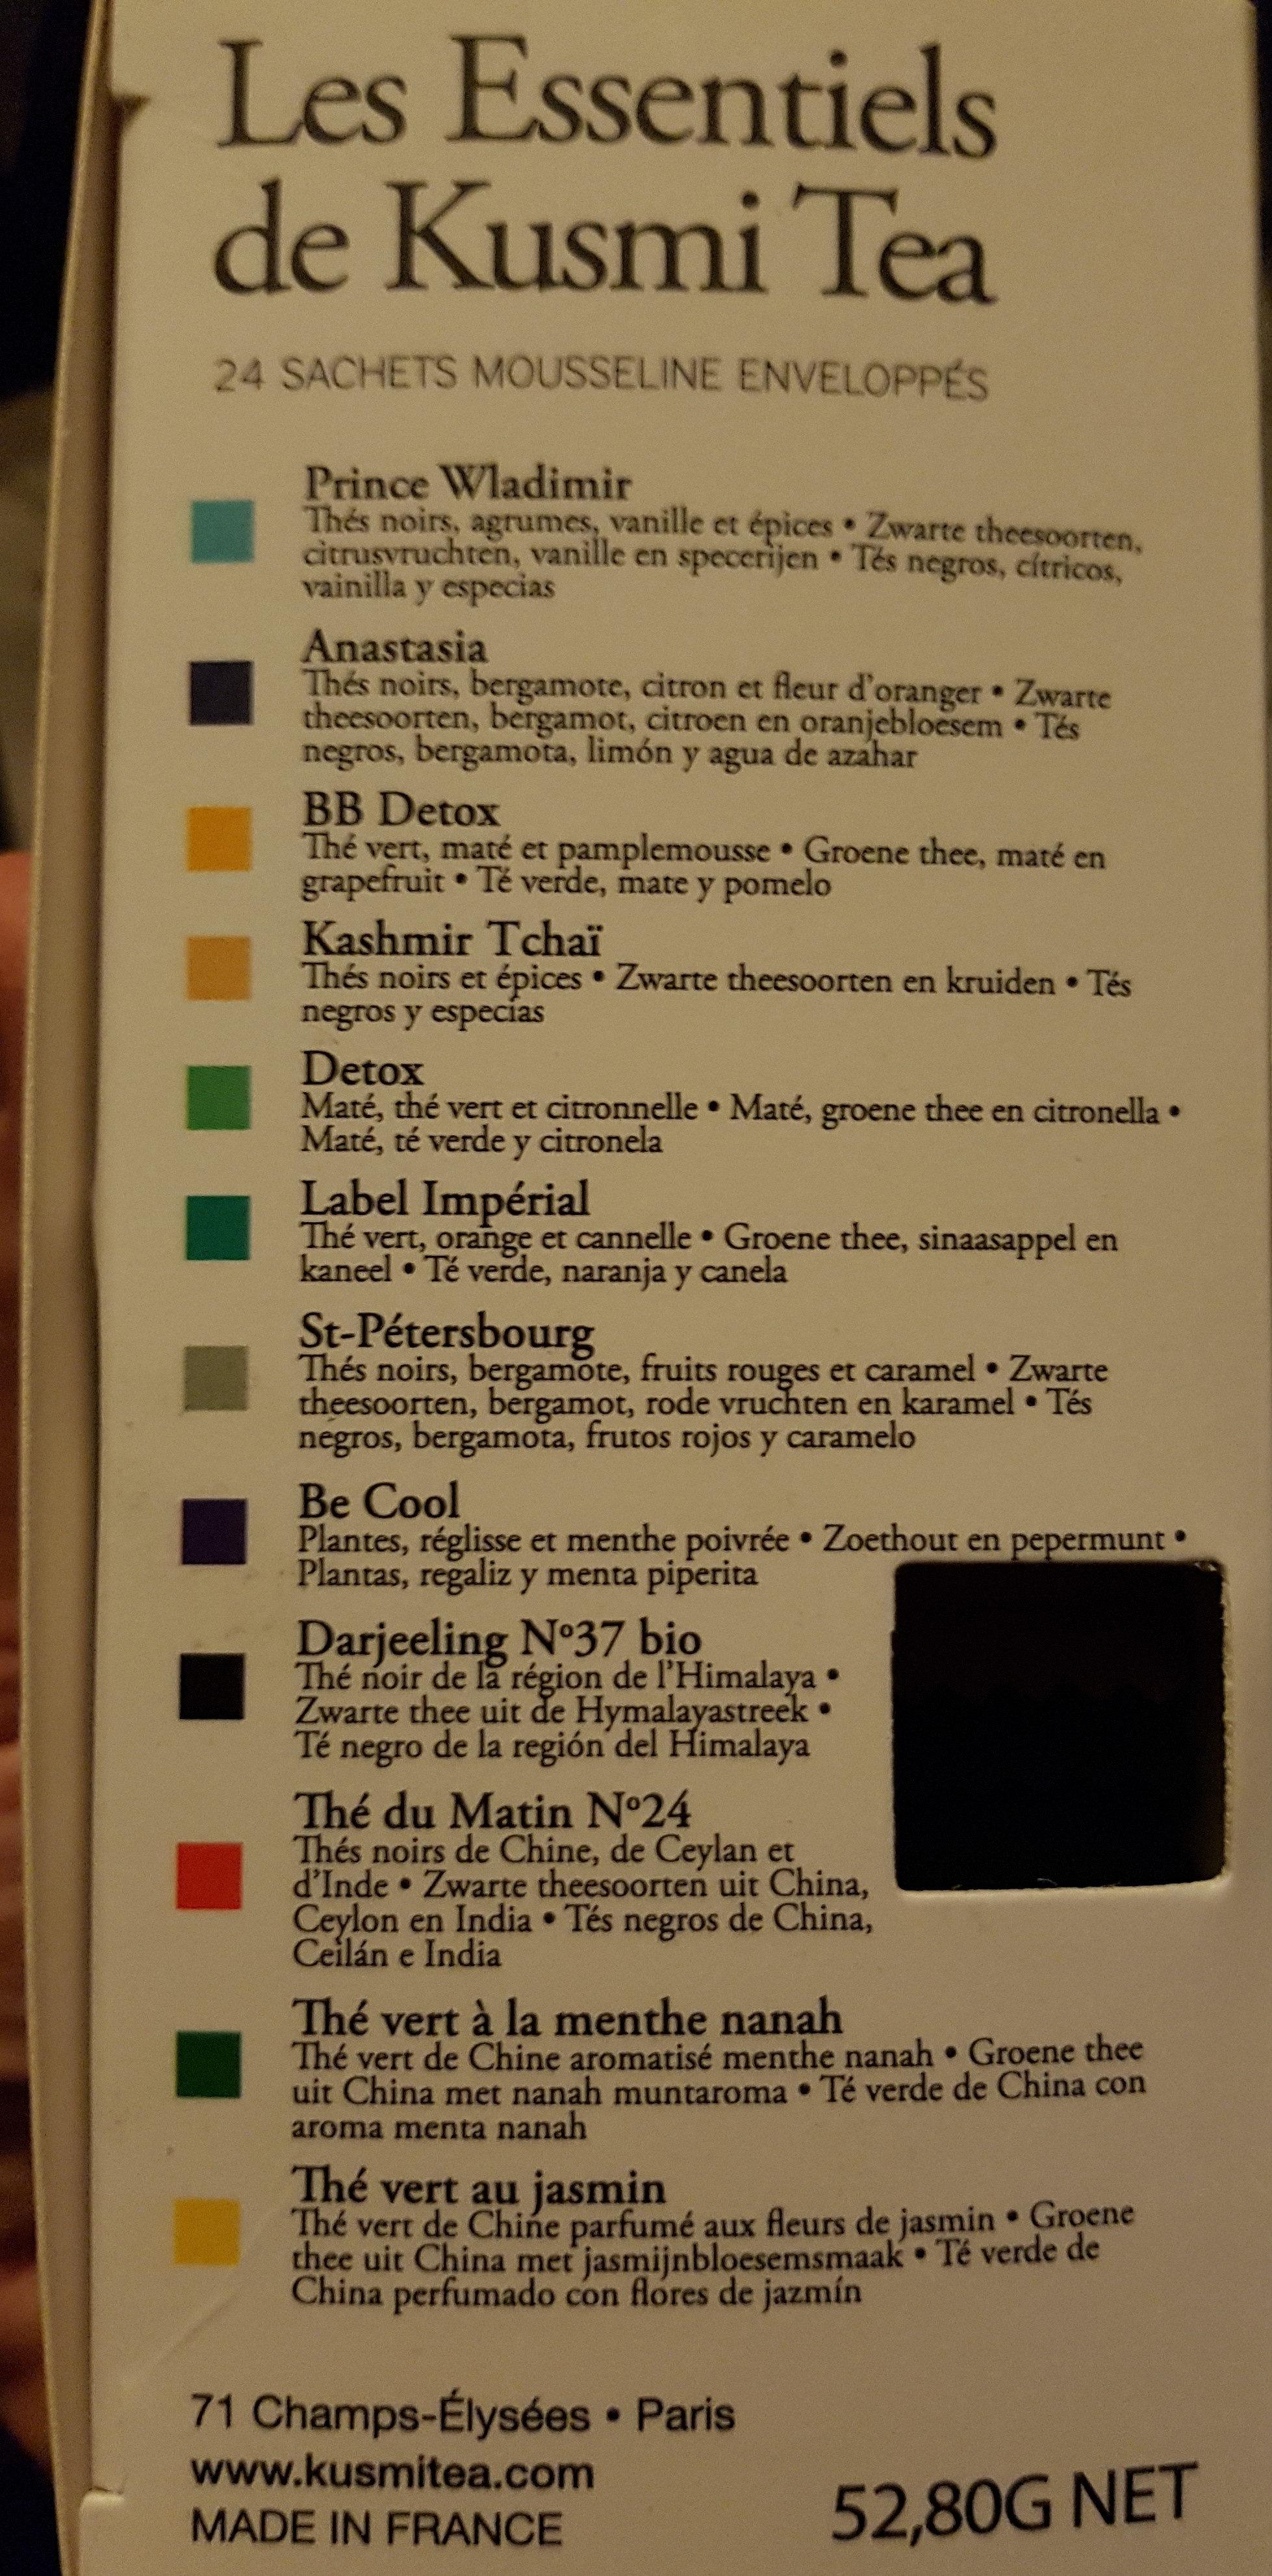 Les essentiels de kusmi tea - Ingrediënten - fr